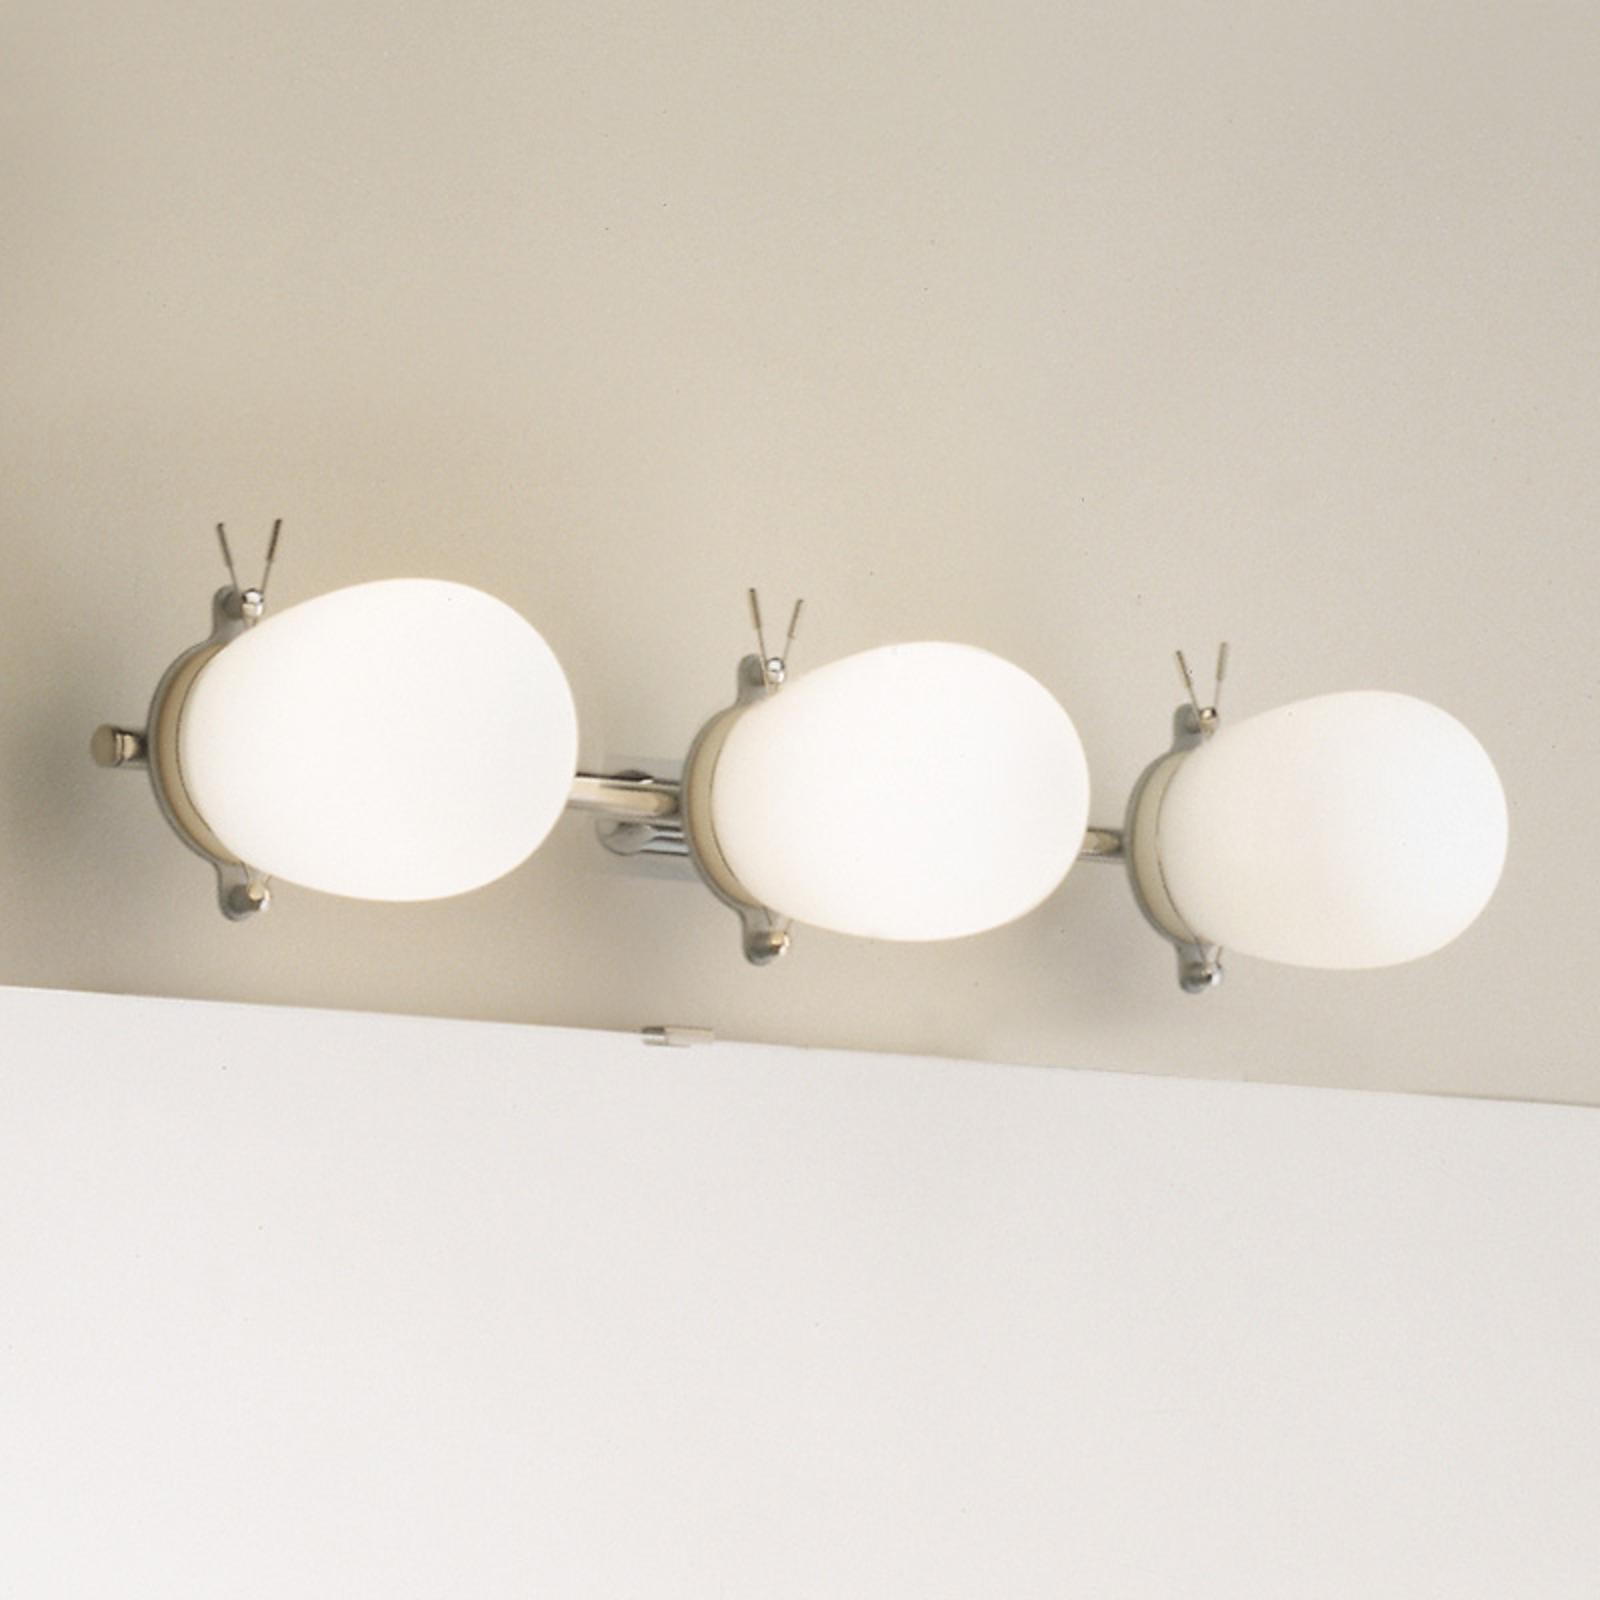 Applique pour salle de bain à 5 lampes Bano